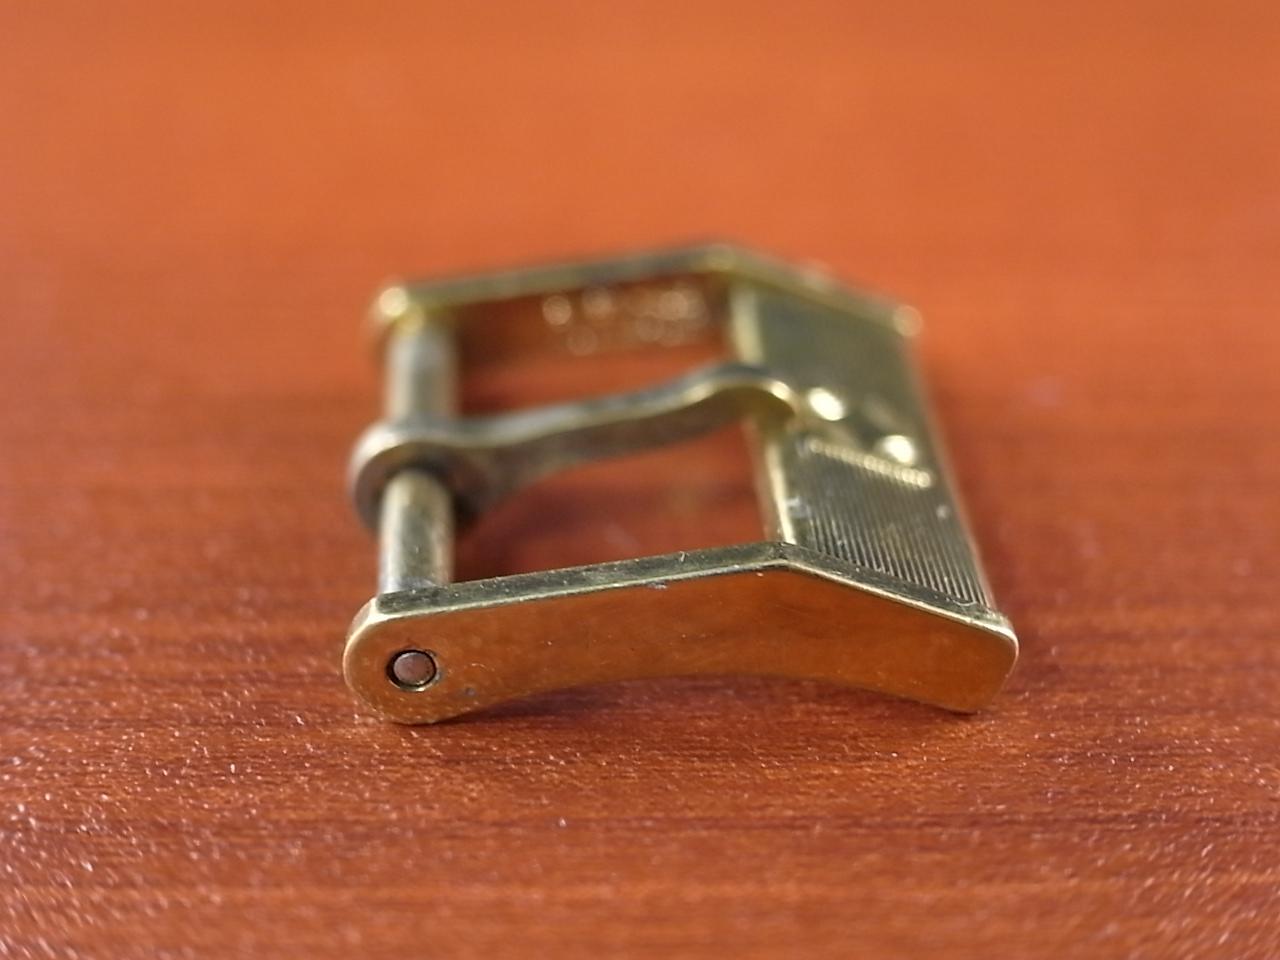 ゼニス アンティーク尾錠 GP 14mm 1960-70年代の写真2枚目